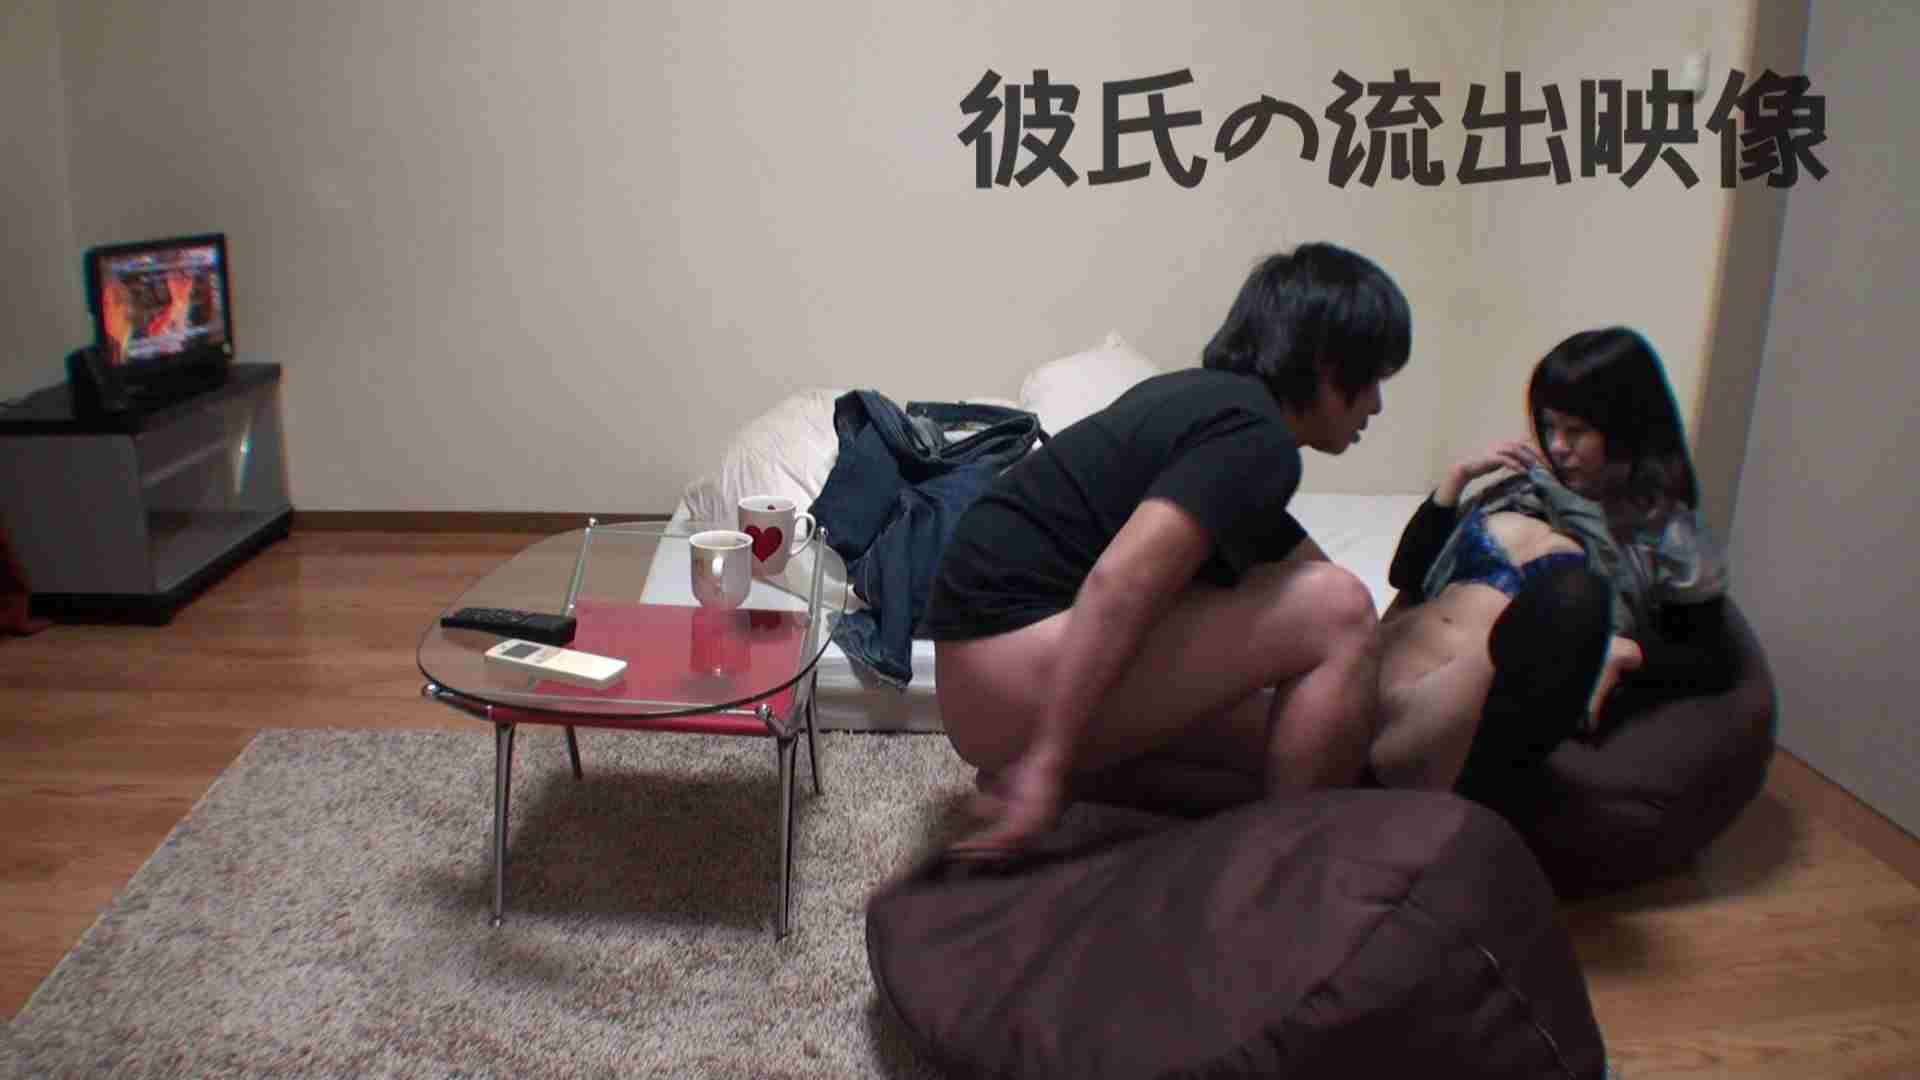 彼氏が流出 パイパン素人嬢のハメ撮り映像02 エッチな素人   SEX  95枚 49